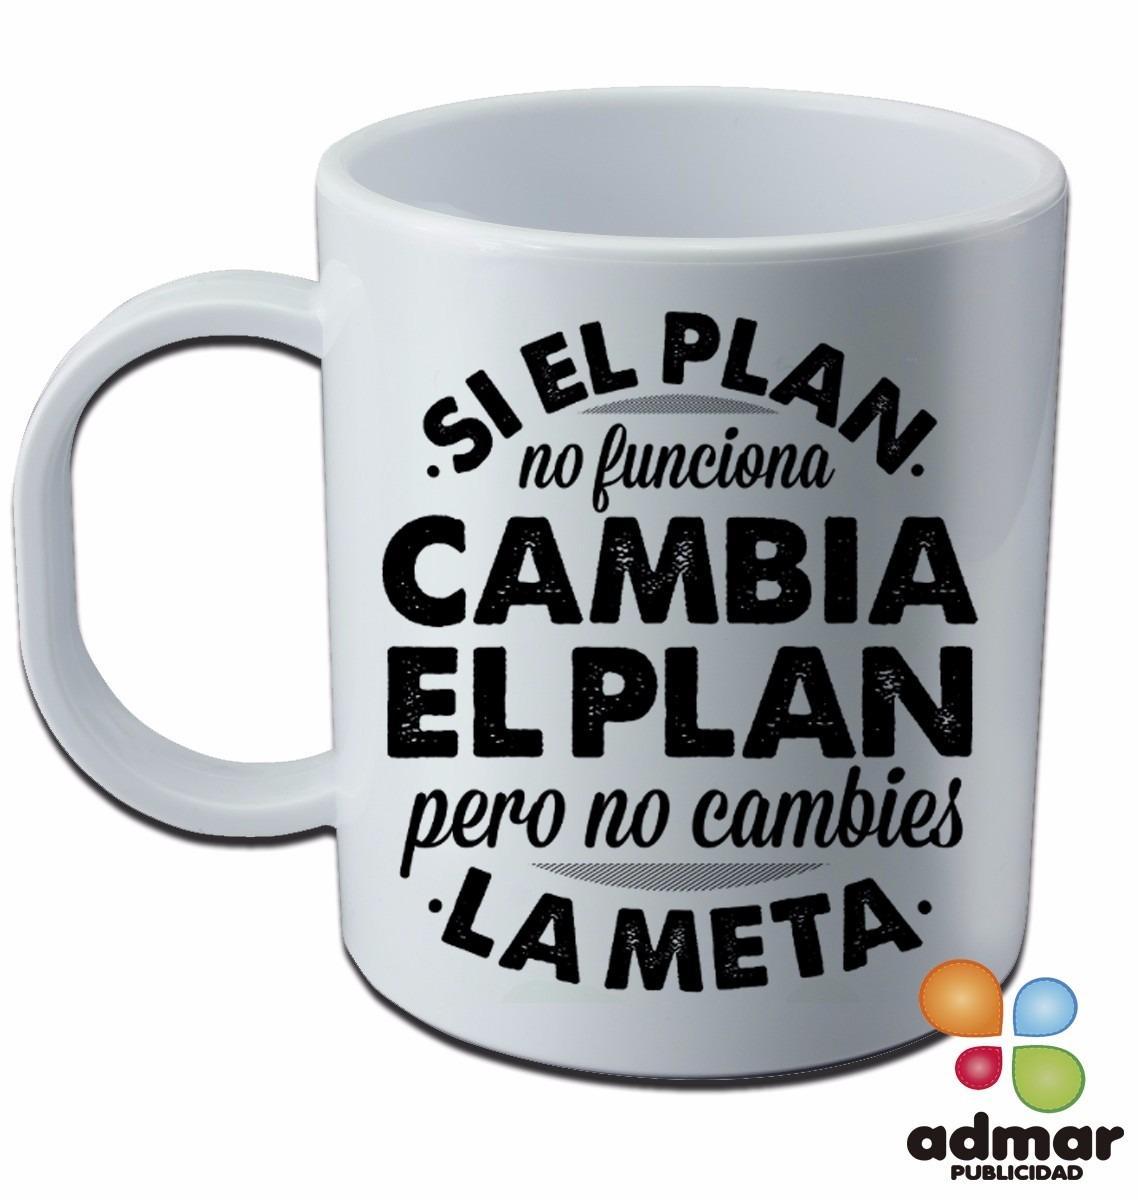 Tazas De Ceramica Con Frases Motivadoras Originales